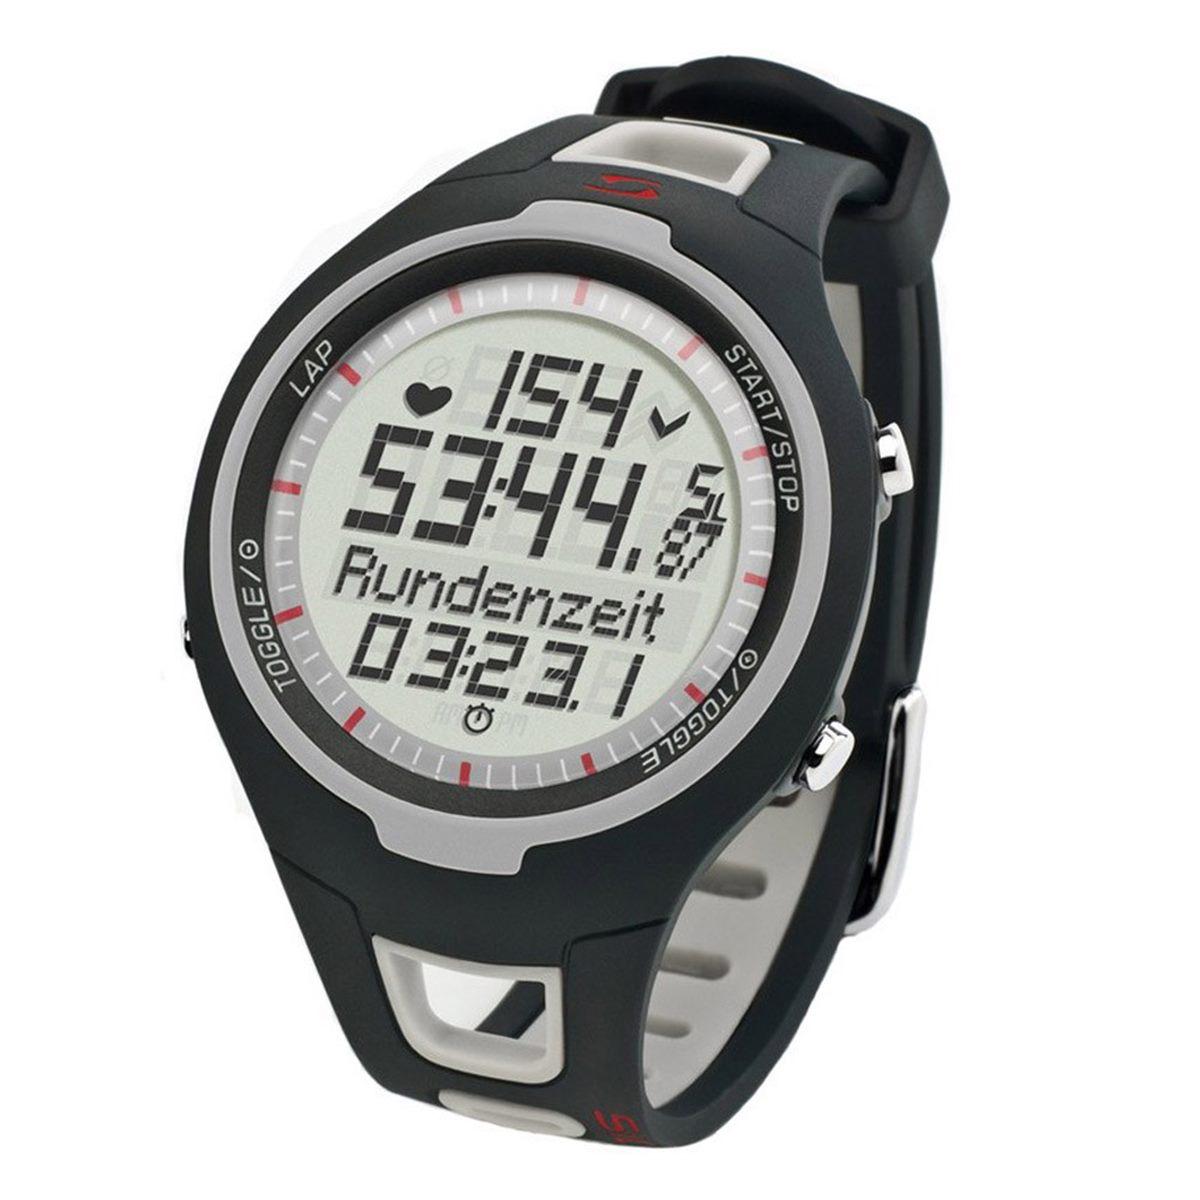 Sigma PC 15.11 - Pulsur - 32 funktioner - Grå | Sports watches